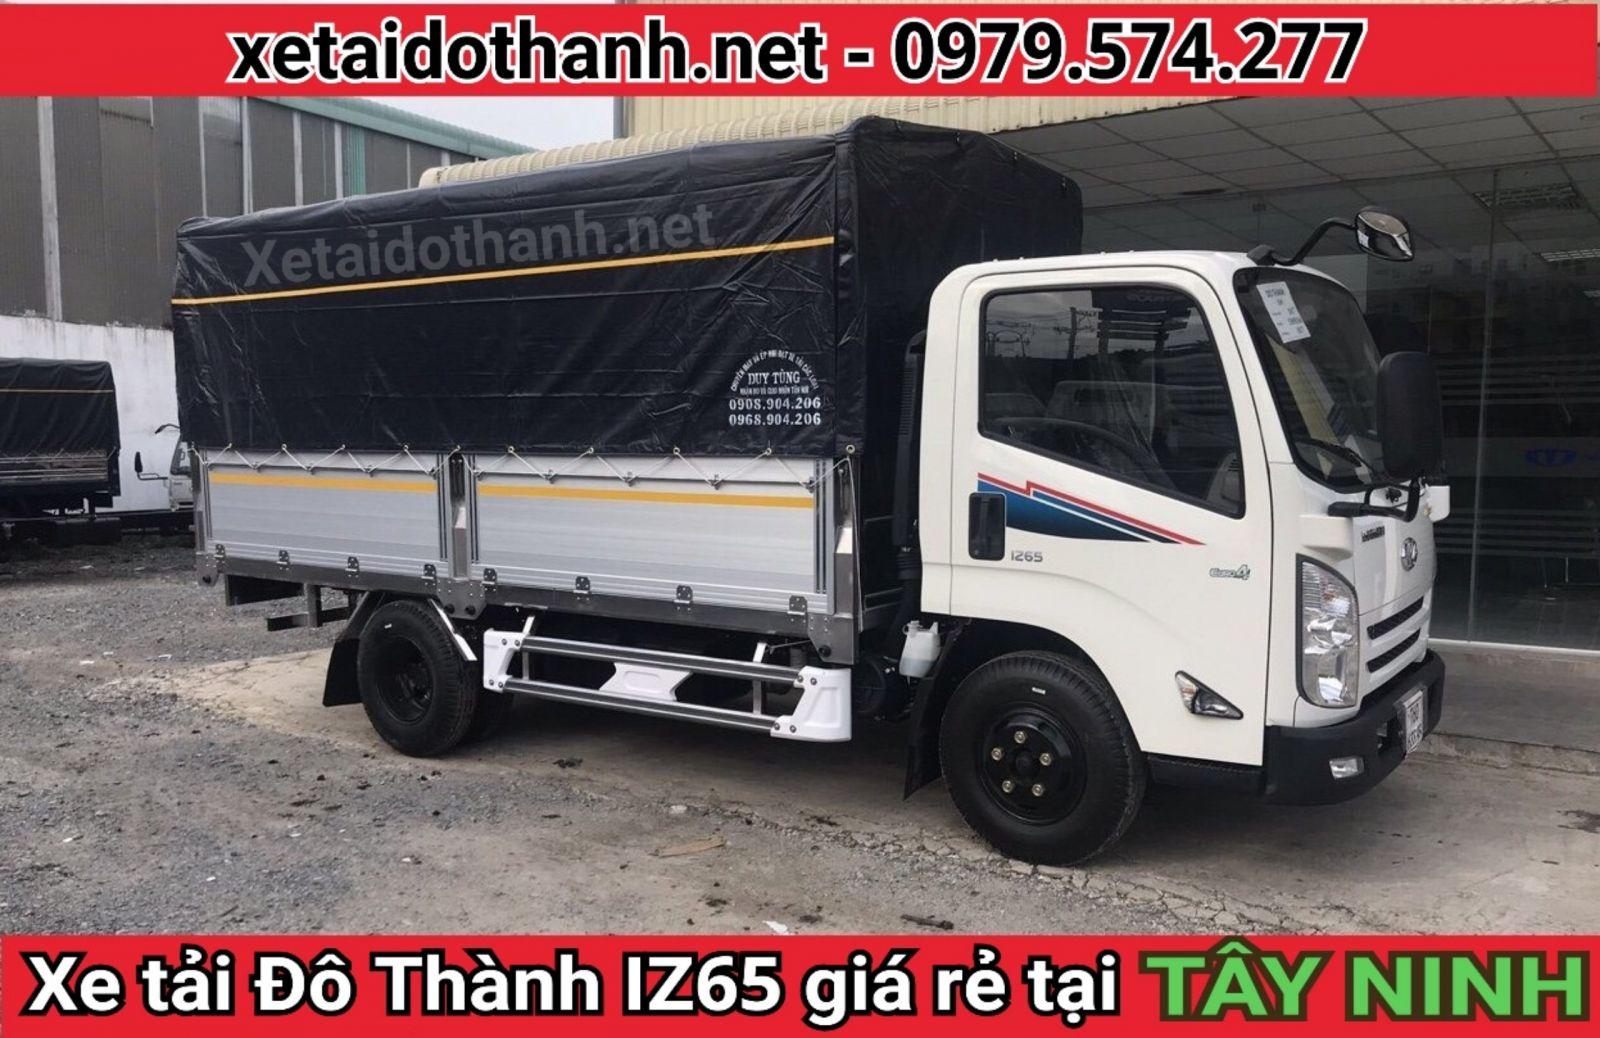 Xe tải Đô Thành IZ65 Tại Tây Ninh